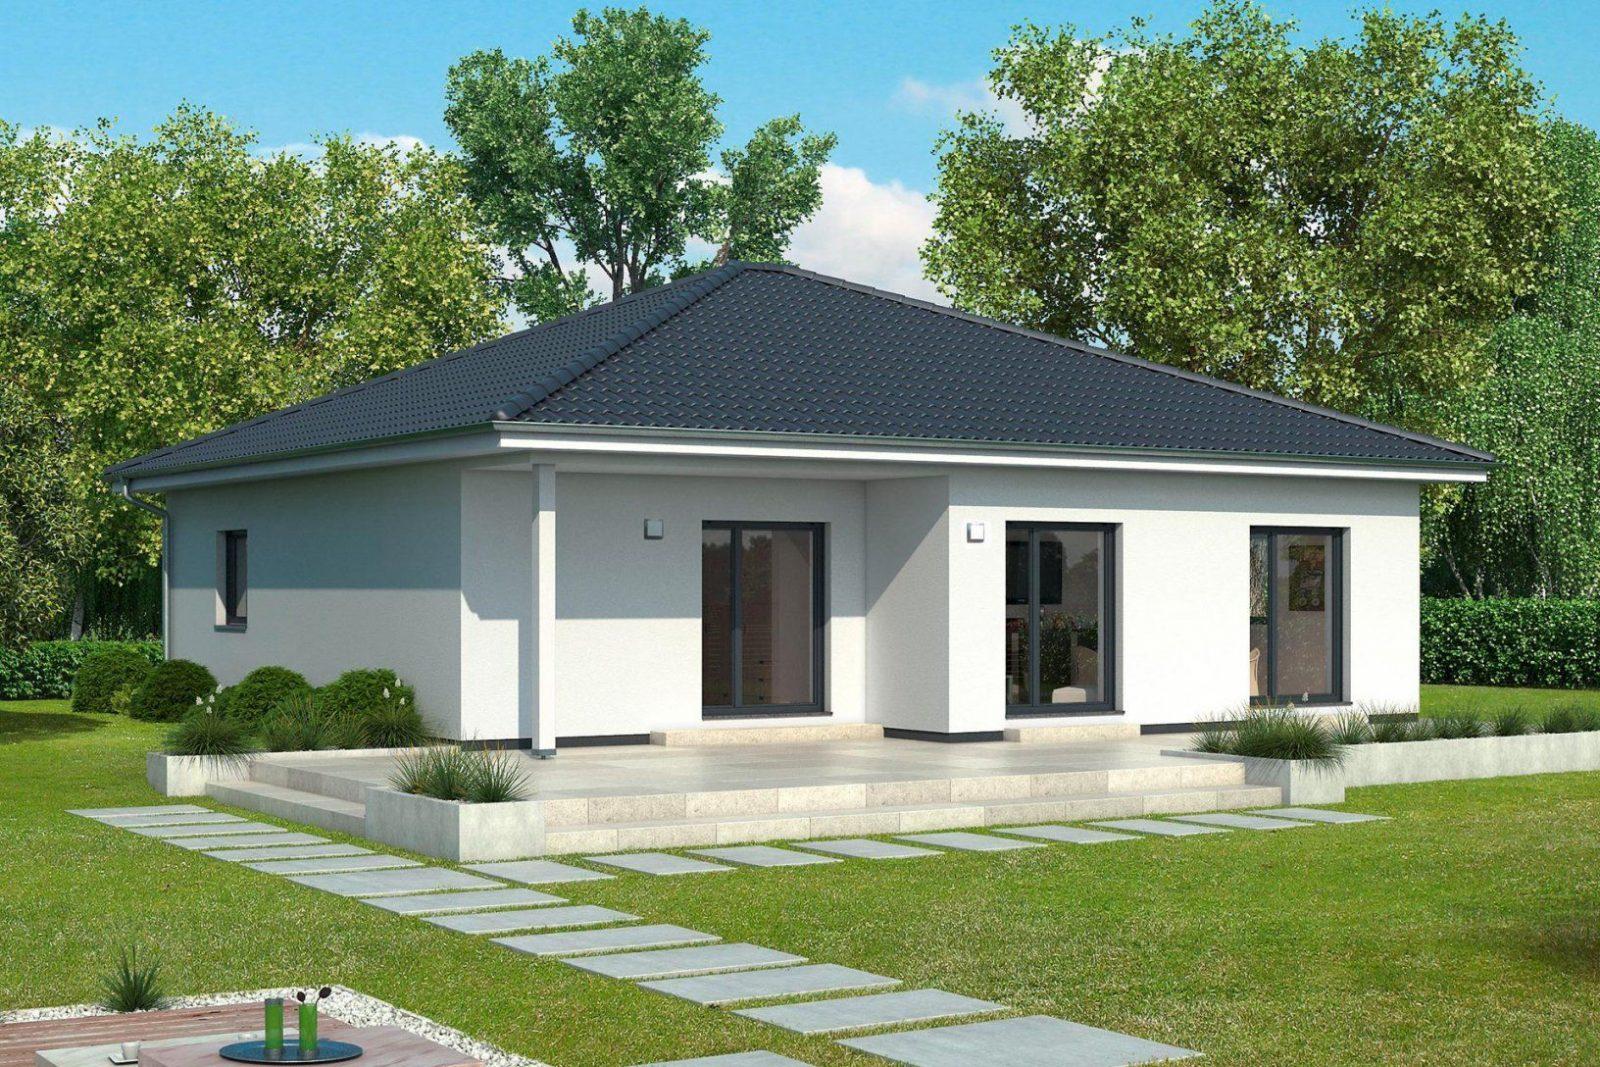 Gussek Haus  Bungalows Landhäuser  Fertighäuser Funktional von Kleines Fertighaus Für 2 Personen Bild